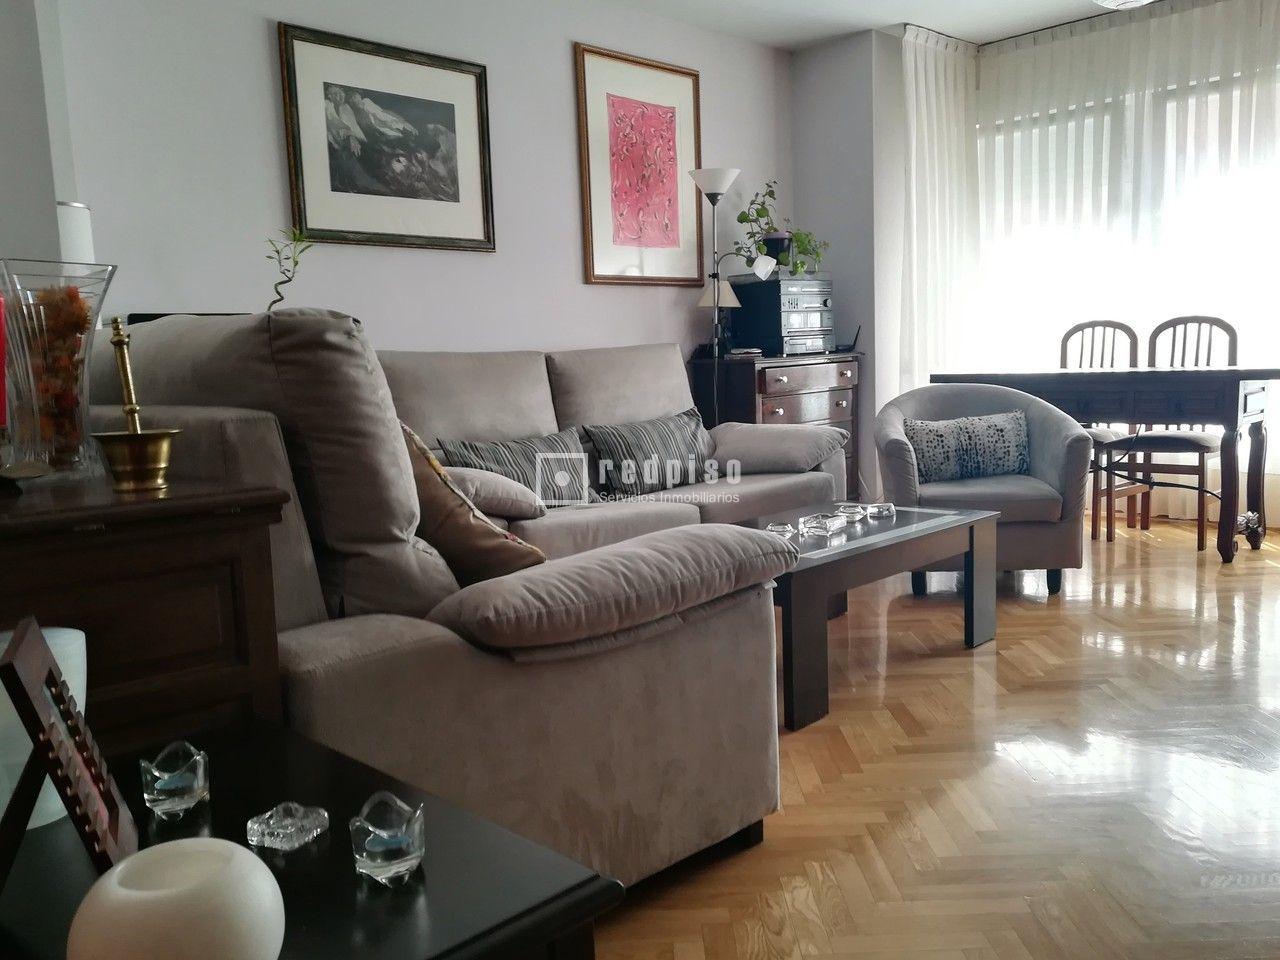 Alquiler pisos en tres cantos habitaclia - Alquiler habitaciones tres cantos ...